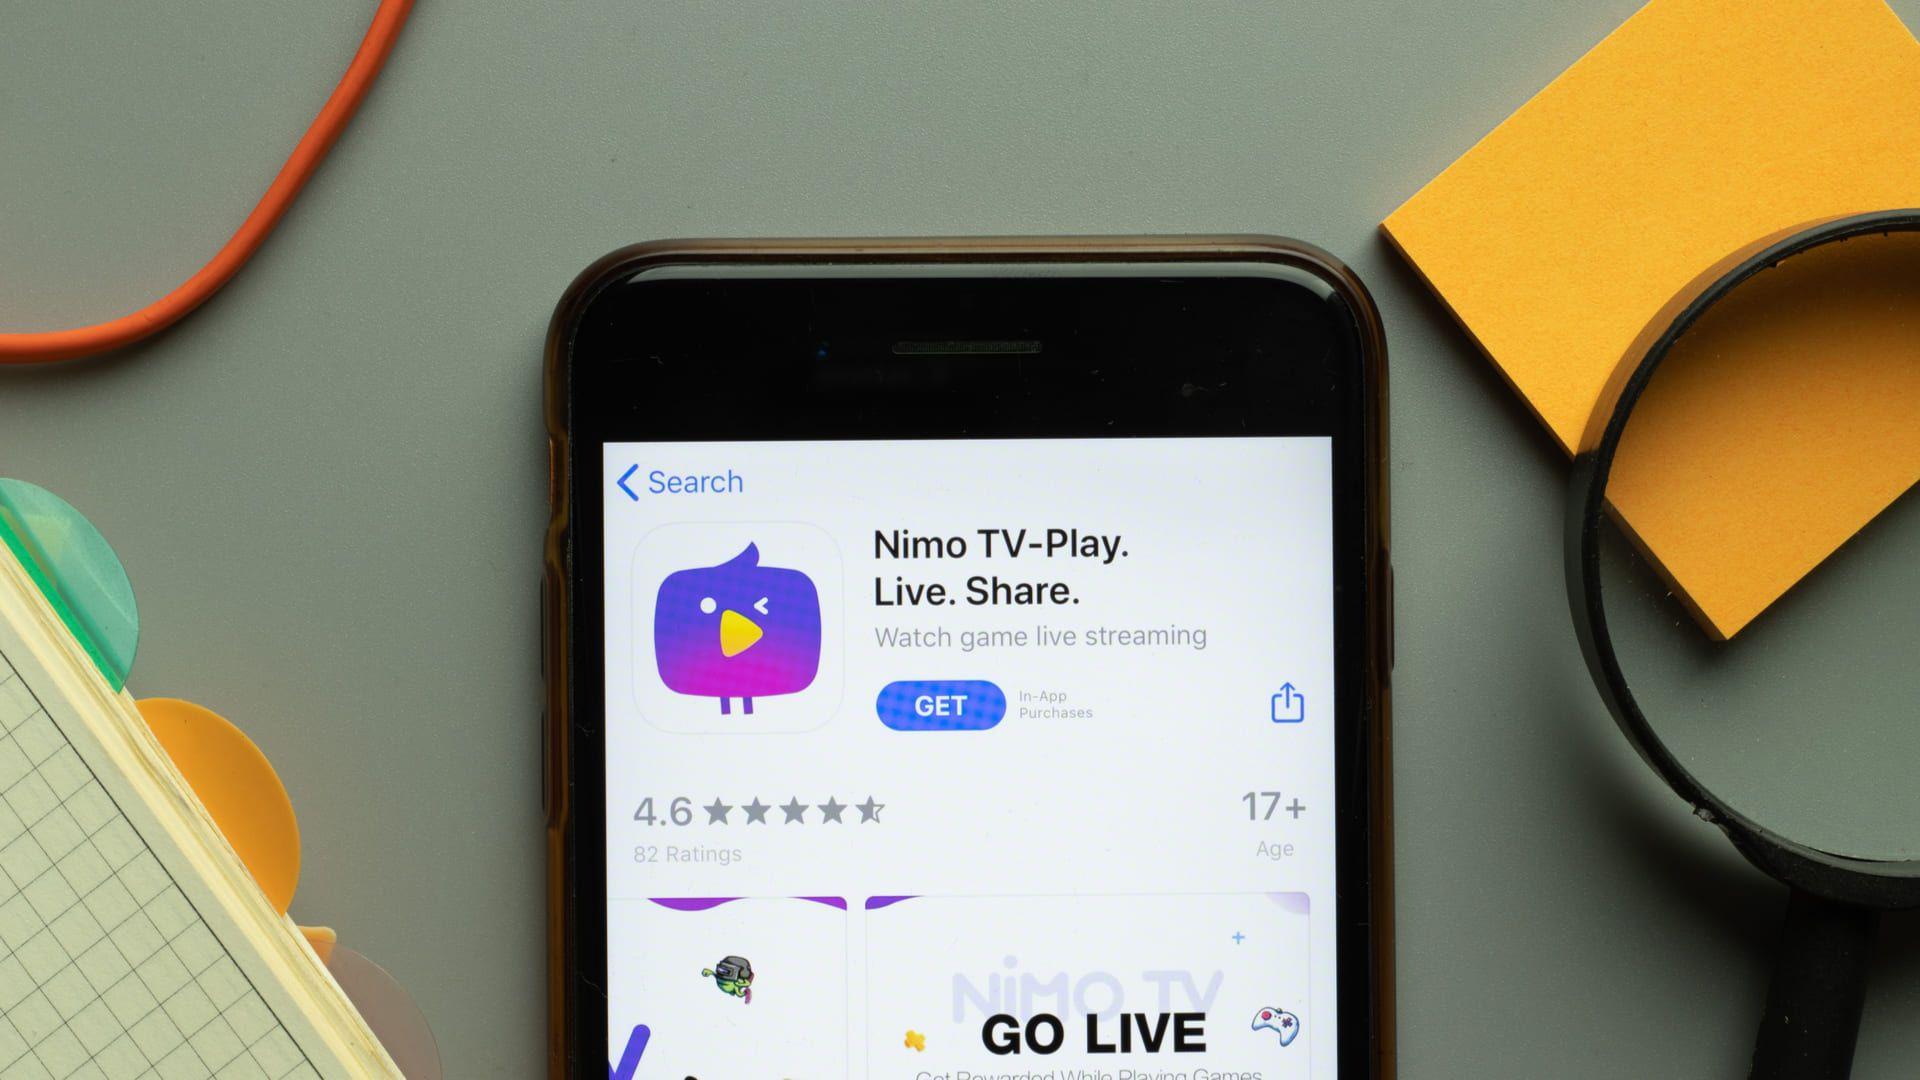 Conheça mais sobre a Nimo TV e saiba como assistir na sua TV! (Imagem: Reprodução/Shutterstock)